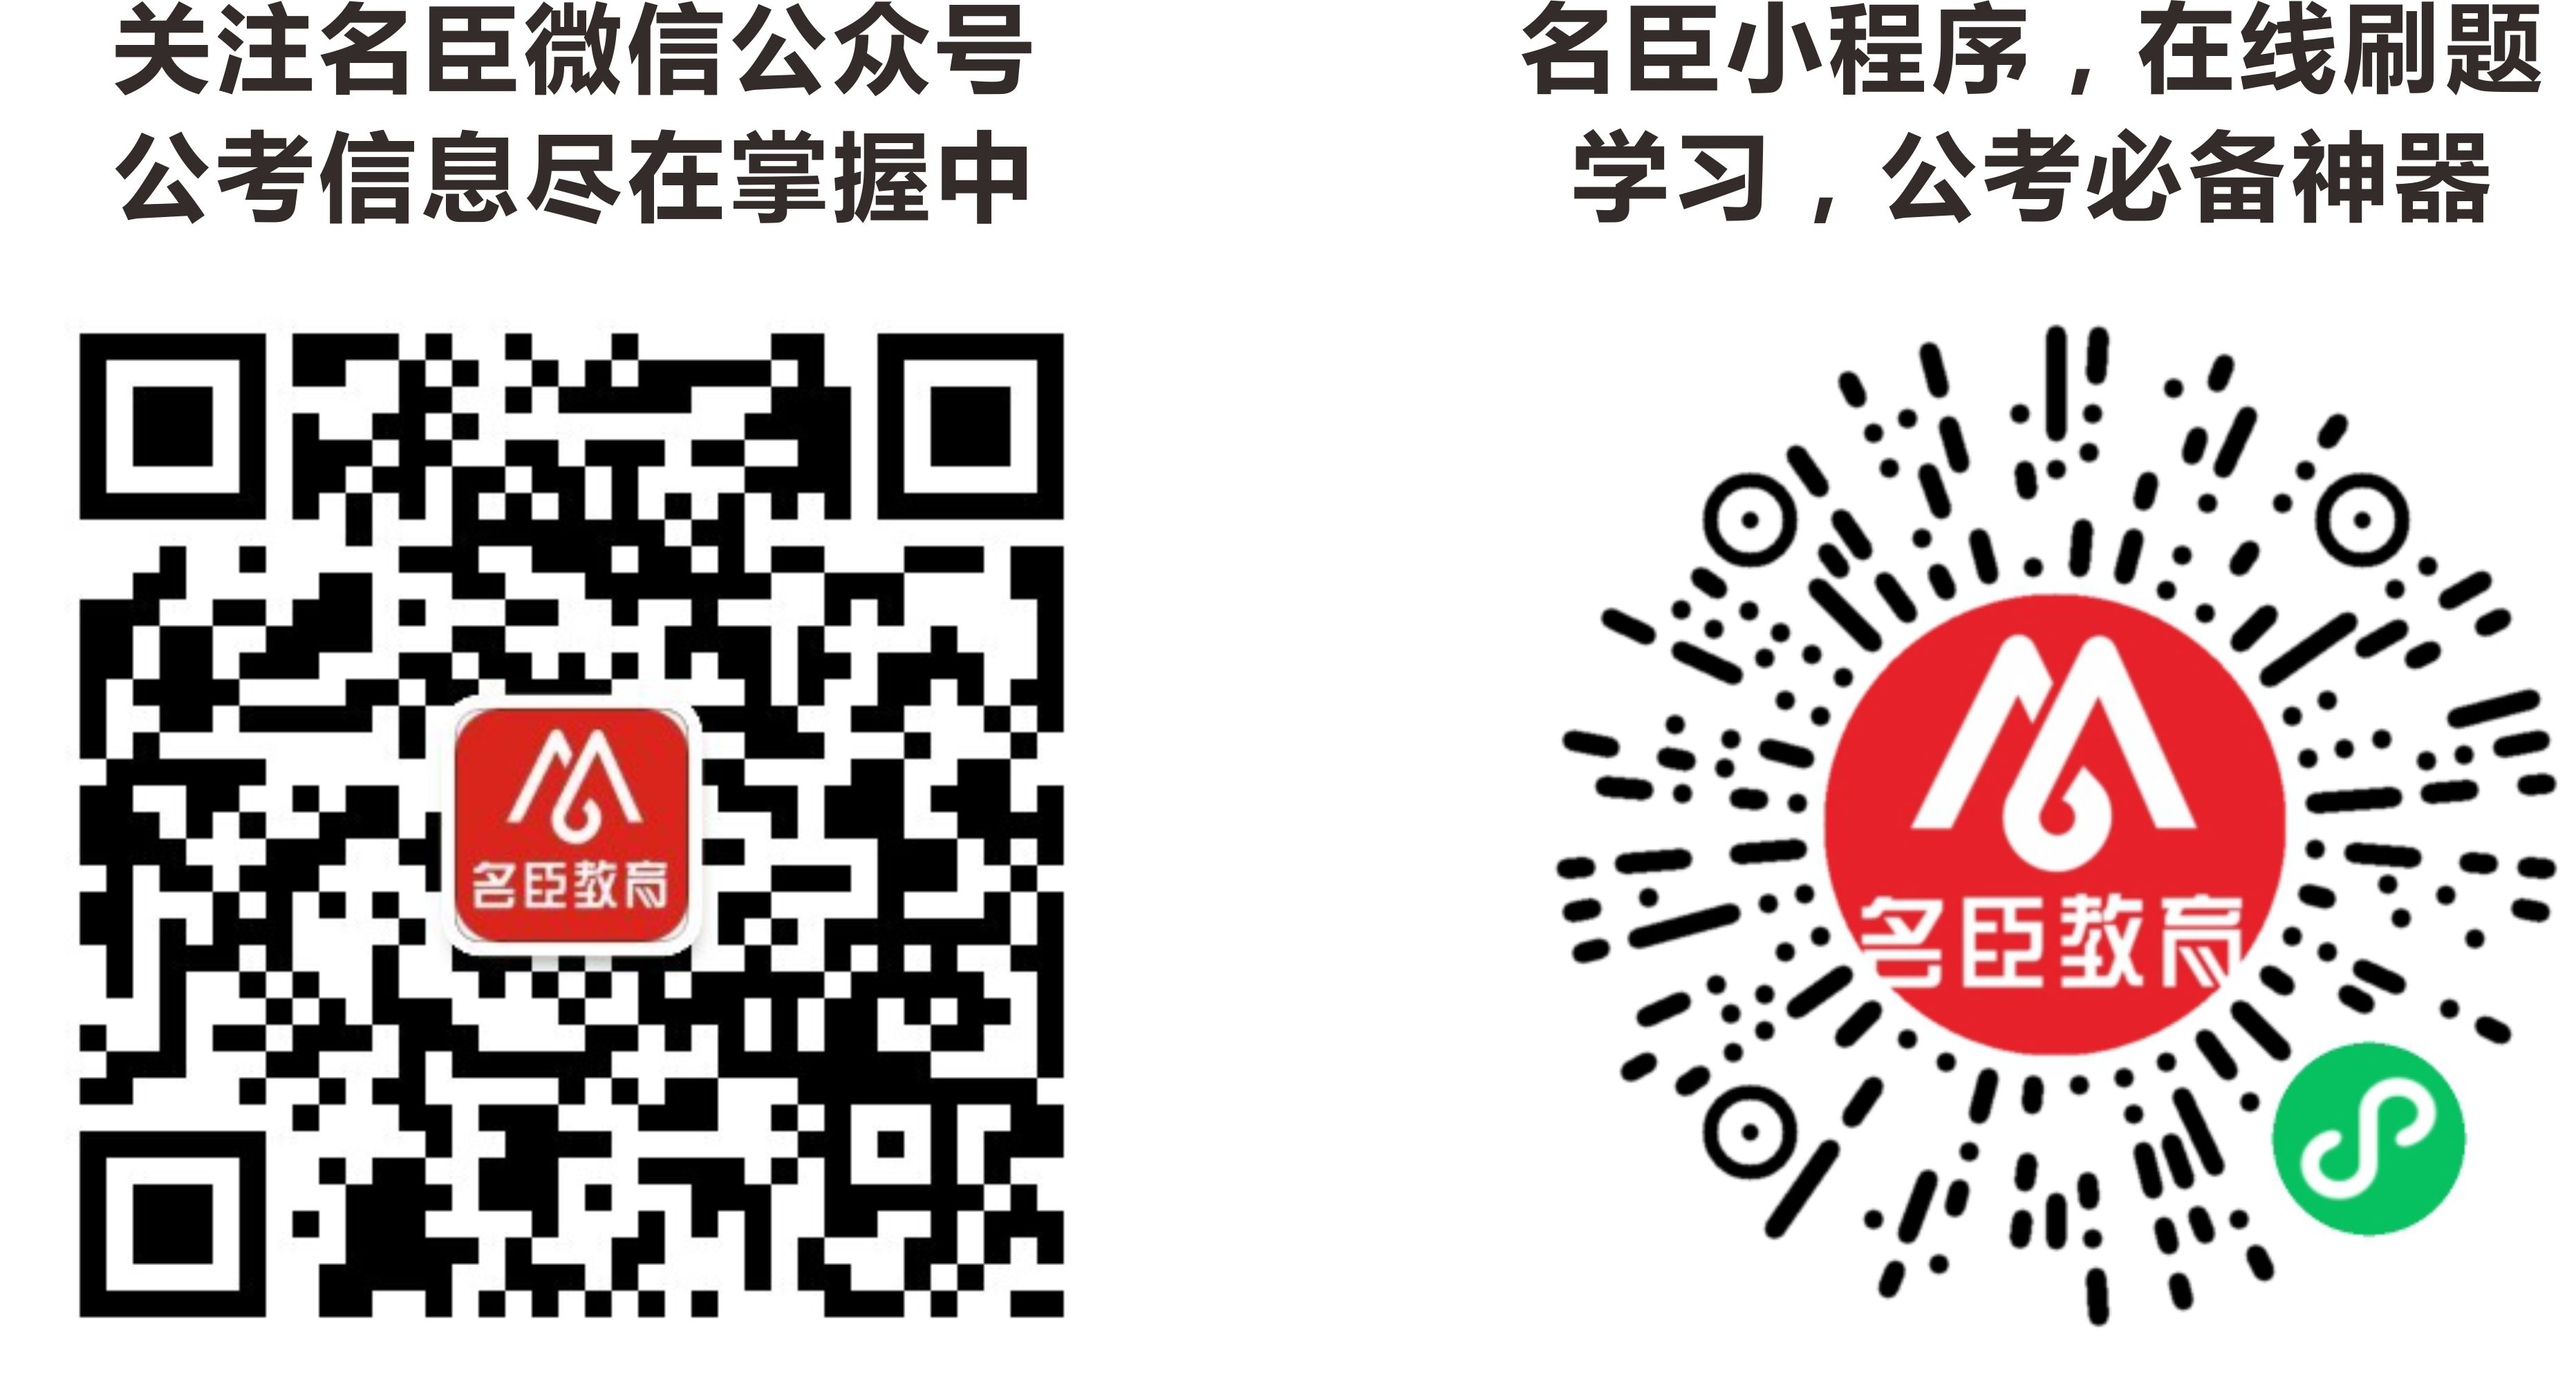 面试名师杜飞解析2020年9月17日四川公务员面试真题(图15)